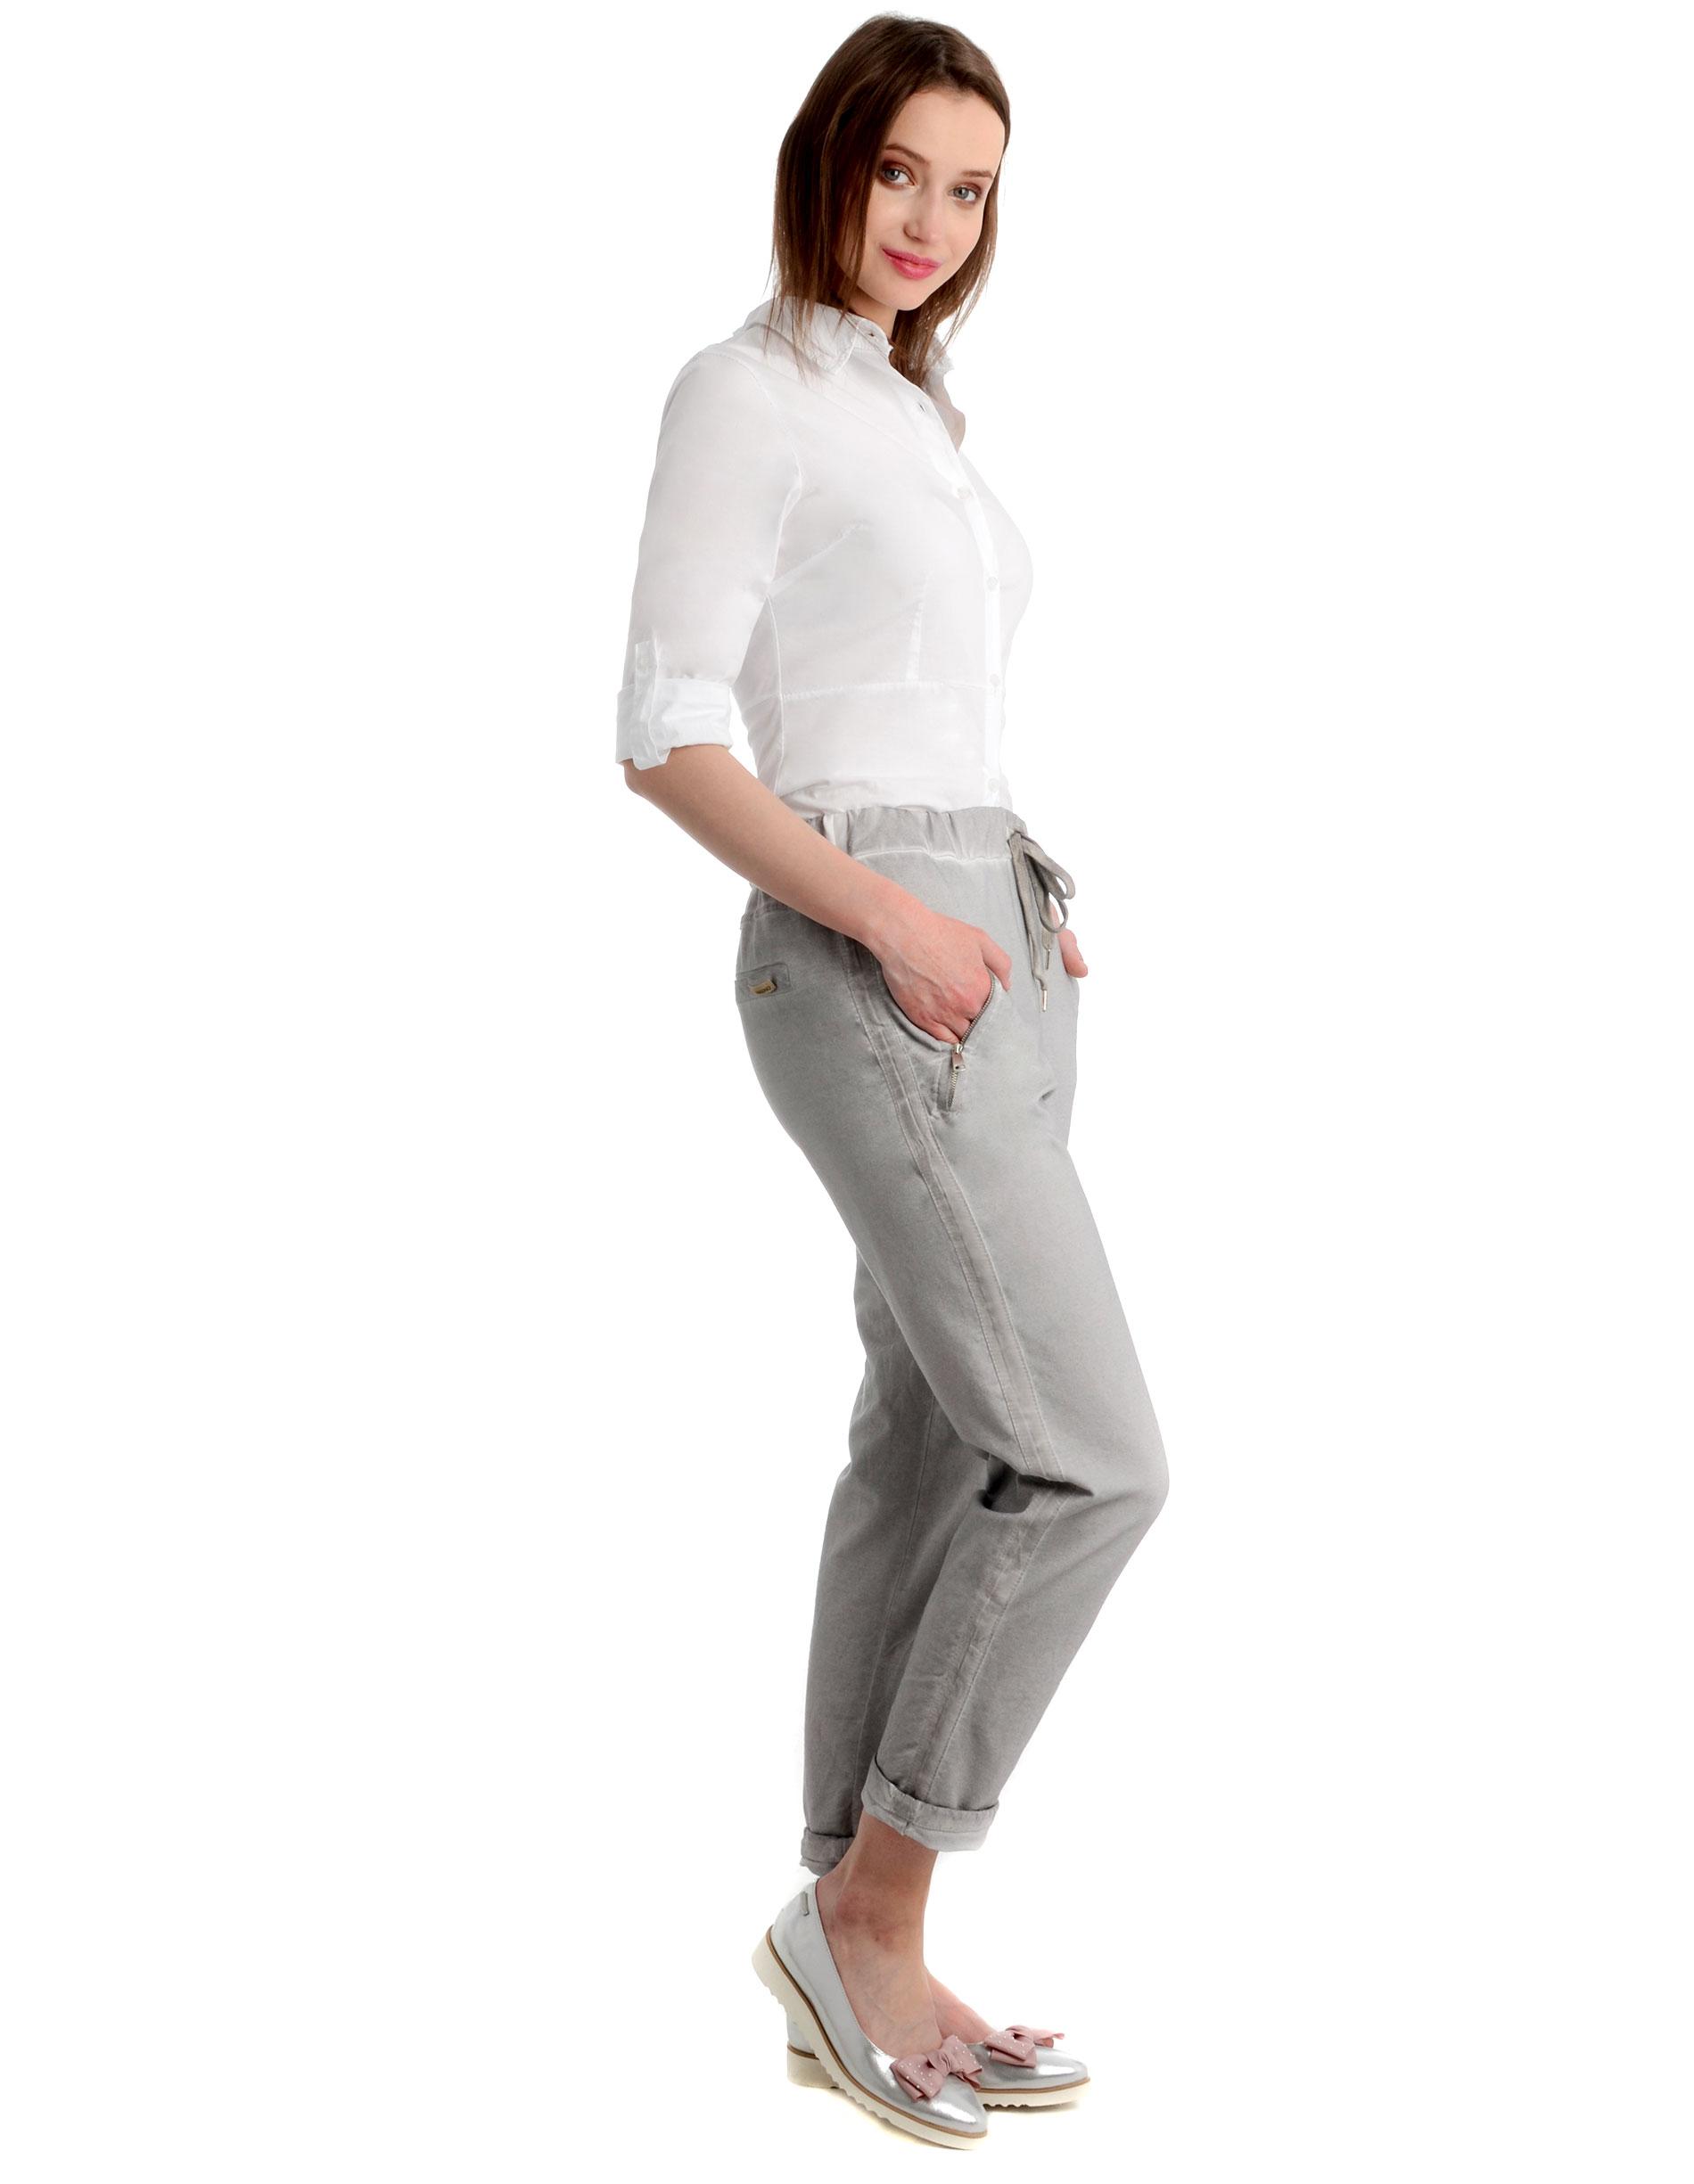 Spodnie - 34-4012 GR CH - Unisono